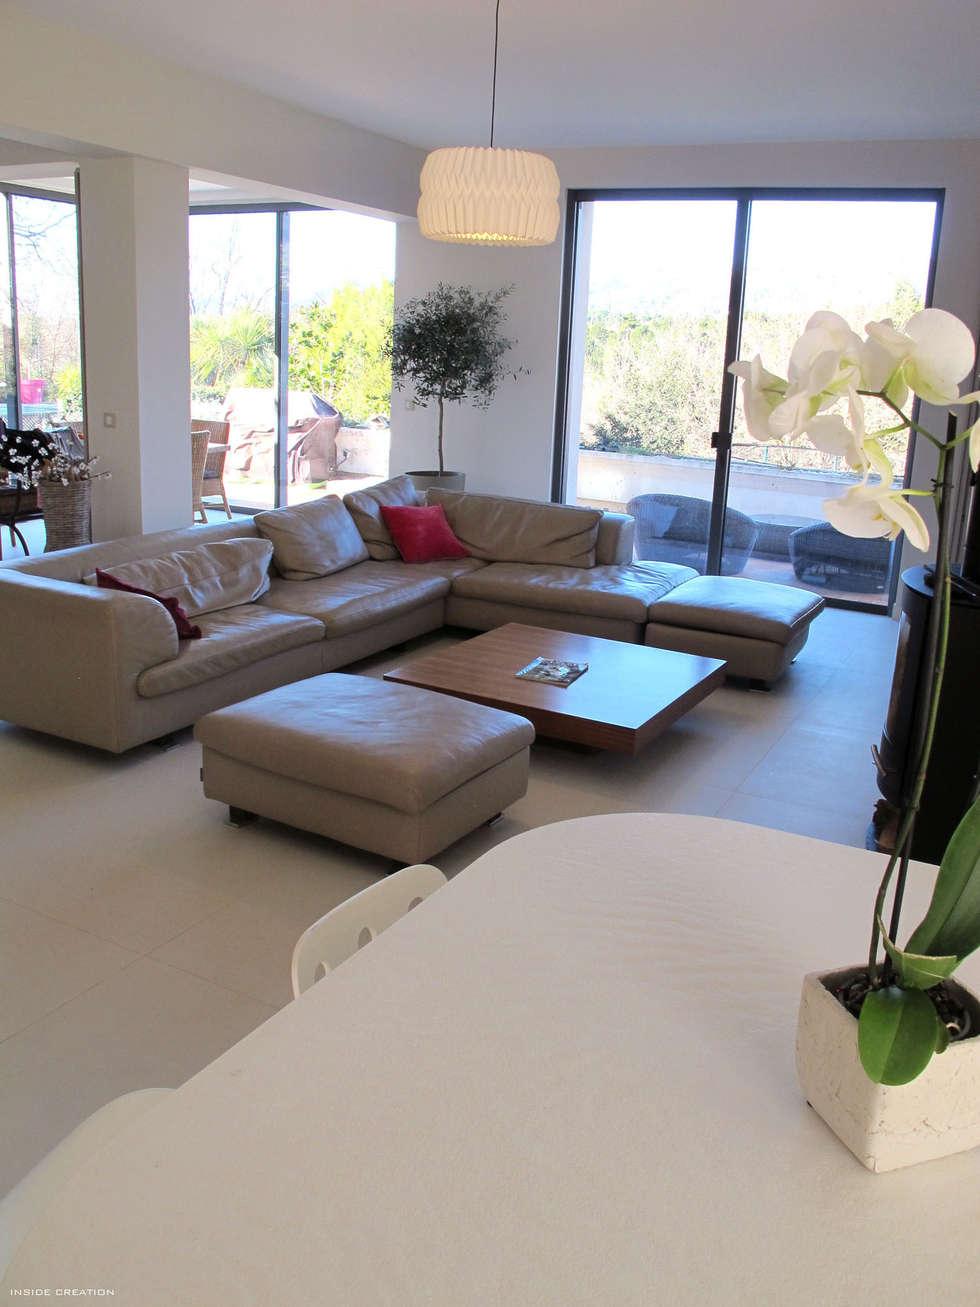 Carrelage slim 100 x 100: Maisons de style de style Moderne par INSIDE Création